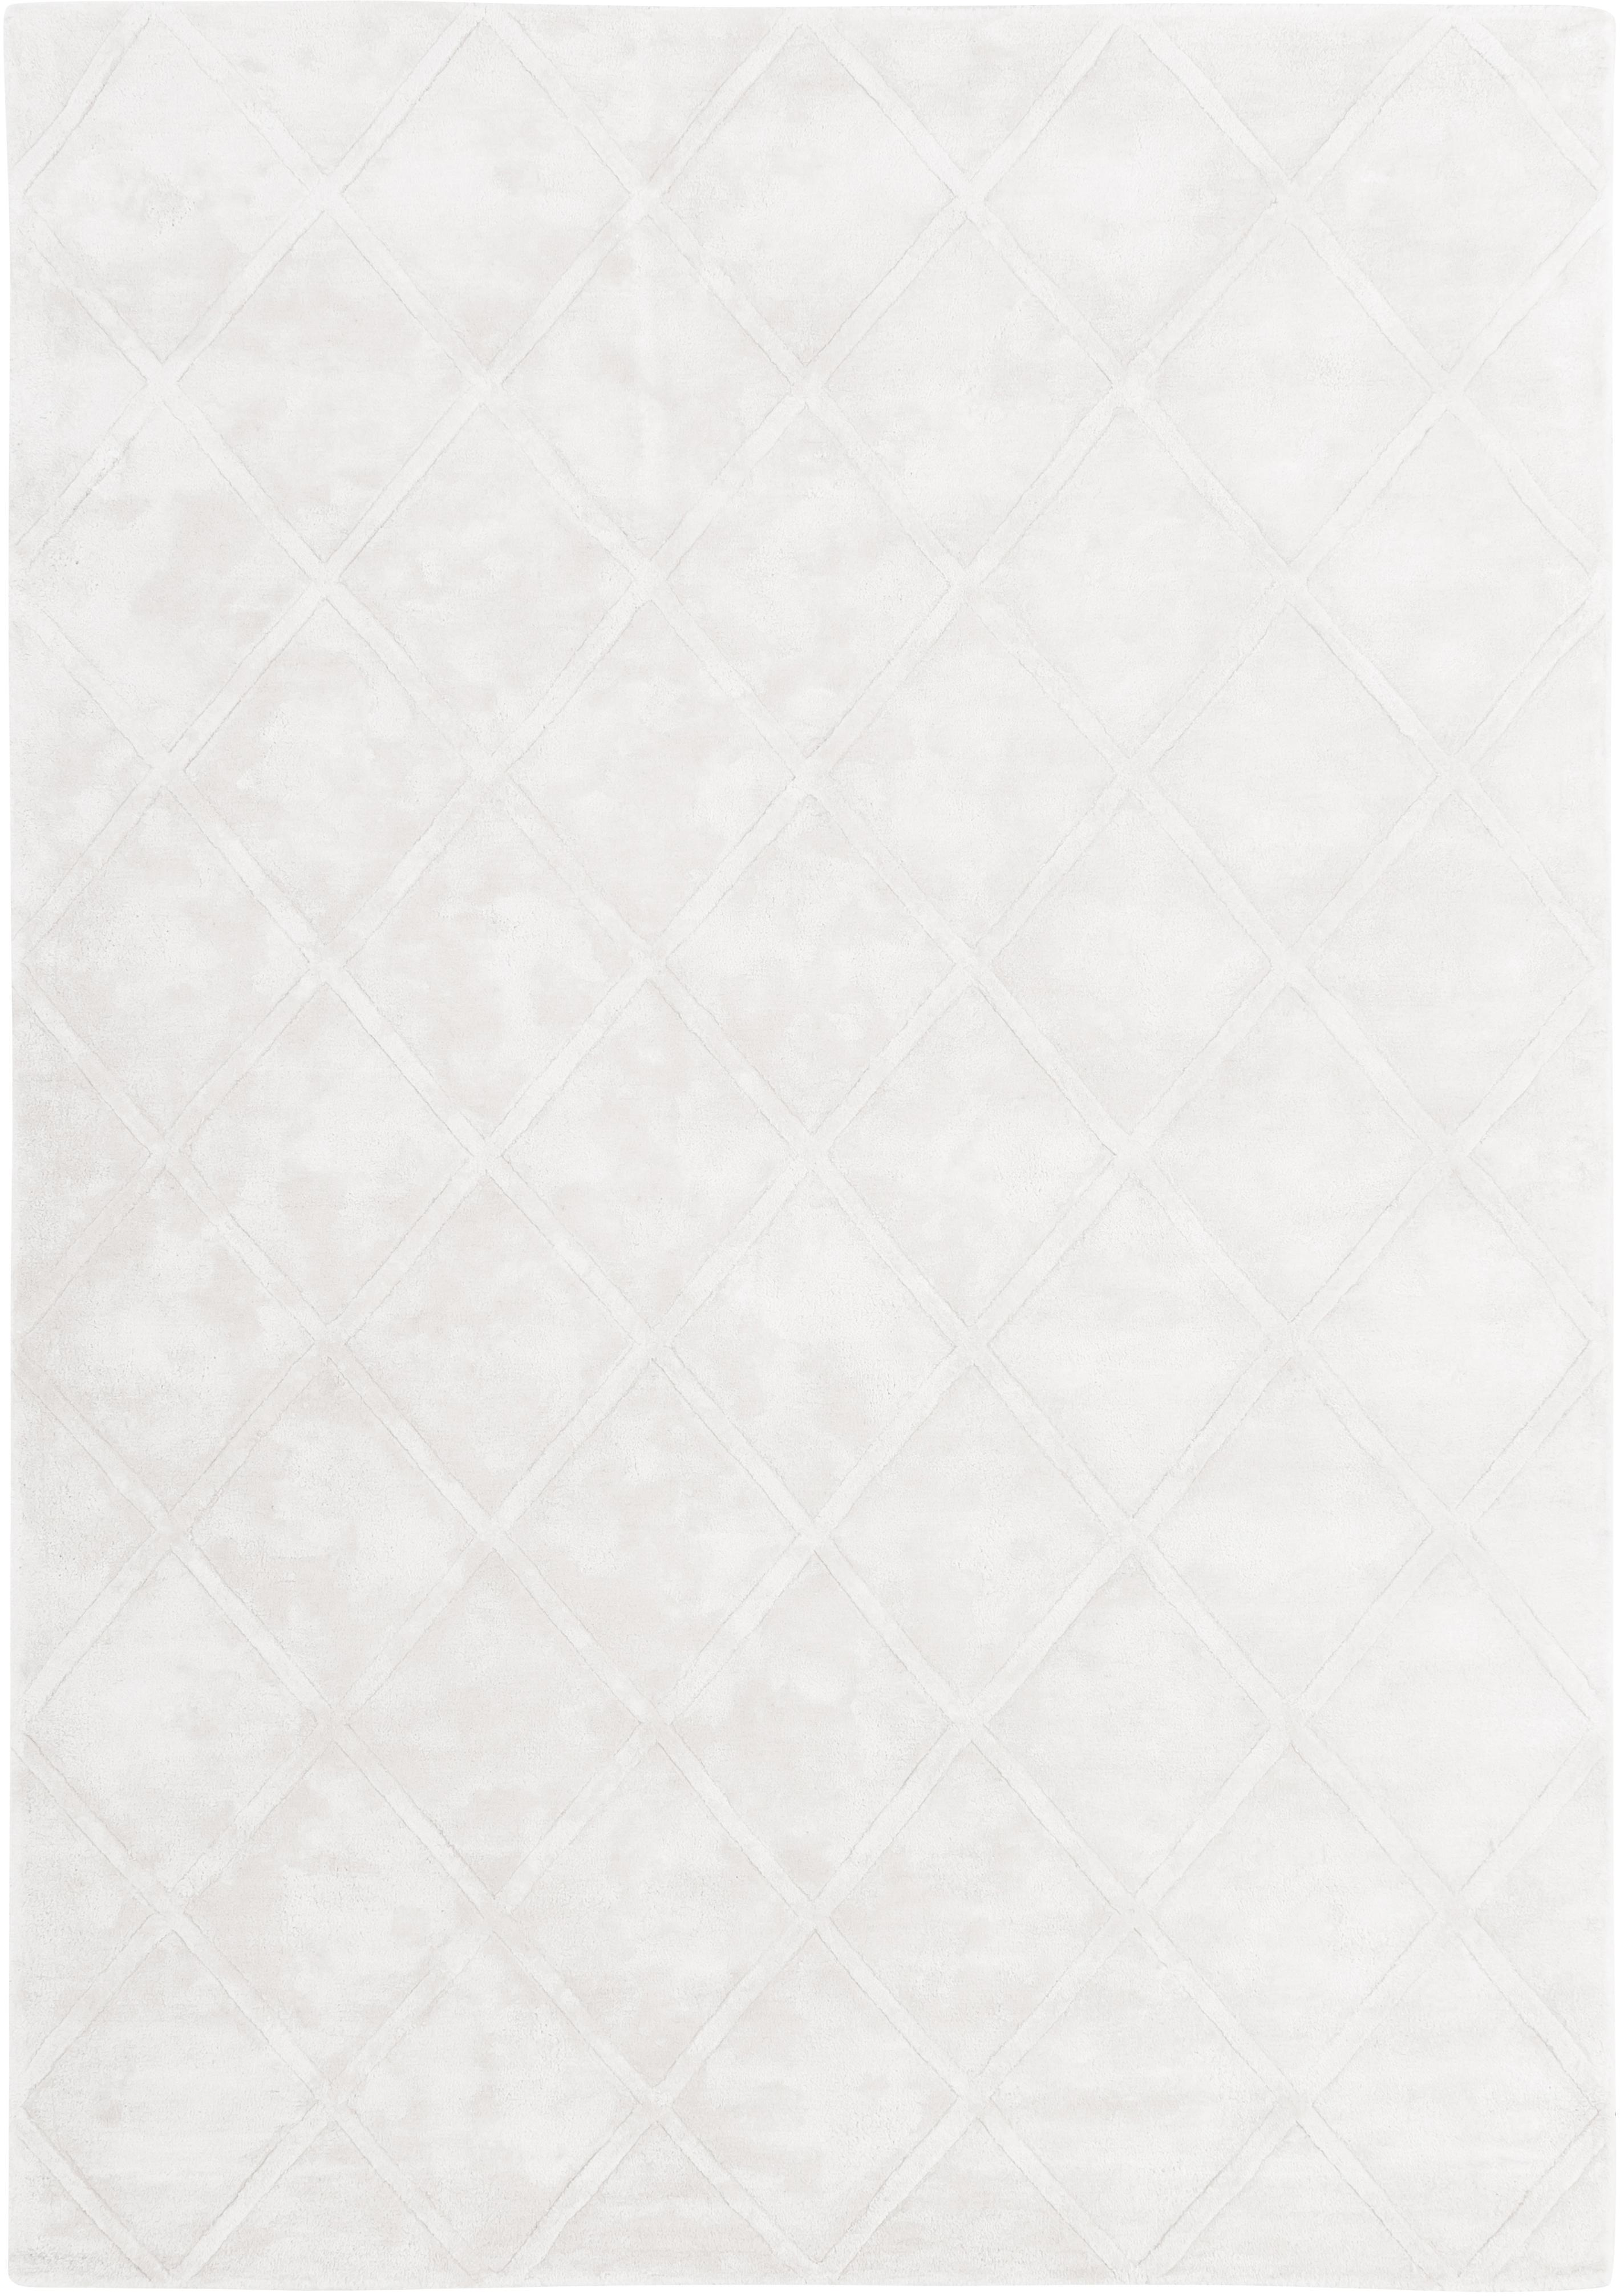 Tappeto in viscosa taftato a mano Madeleine, Retro: 100% cotone, Crema, Larg. 160 x Lung. 230 cm